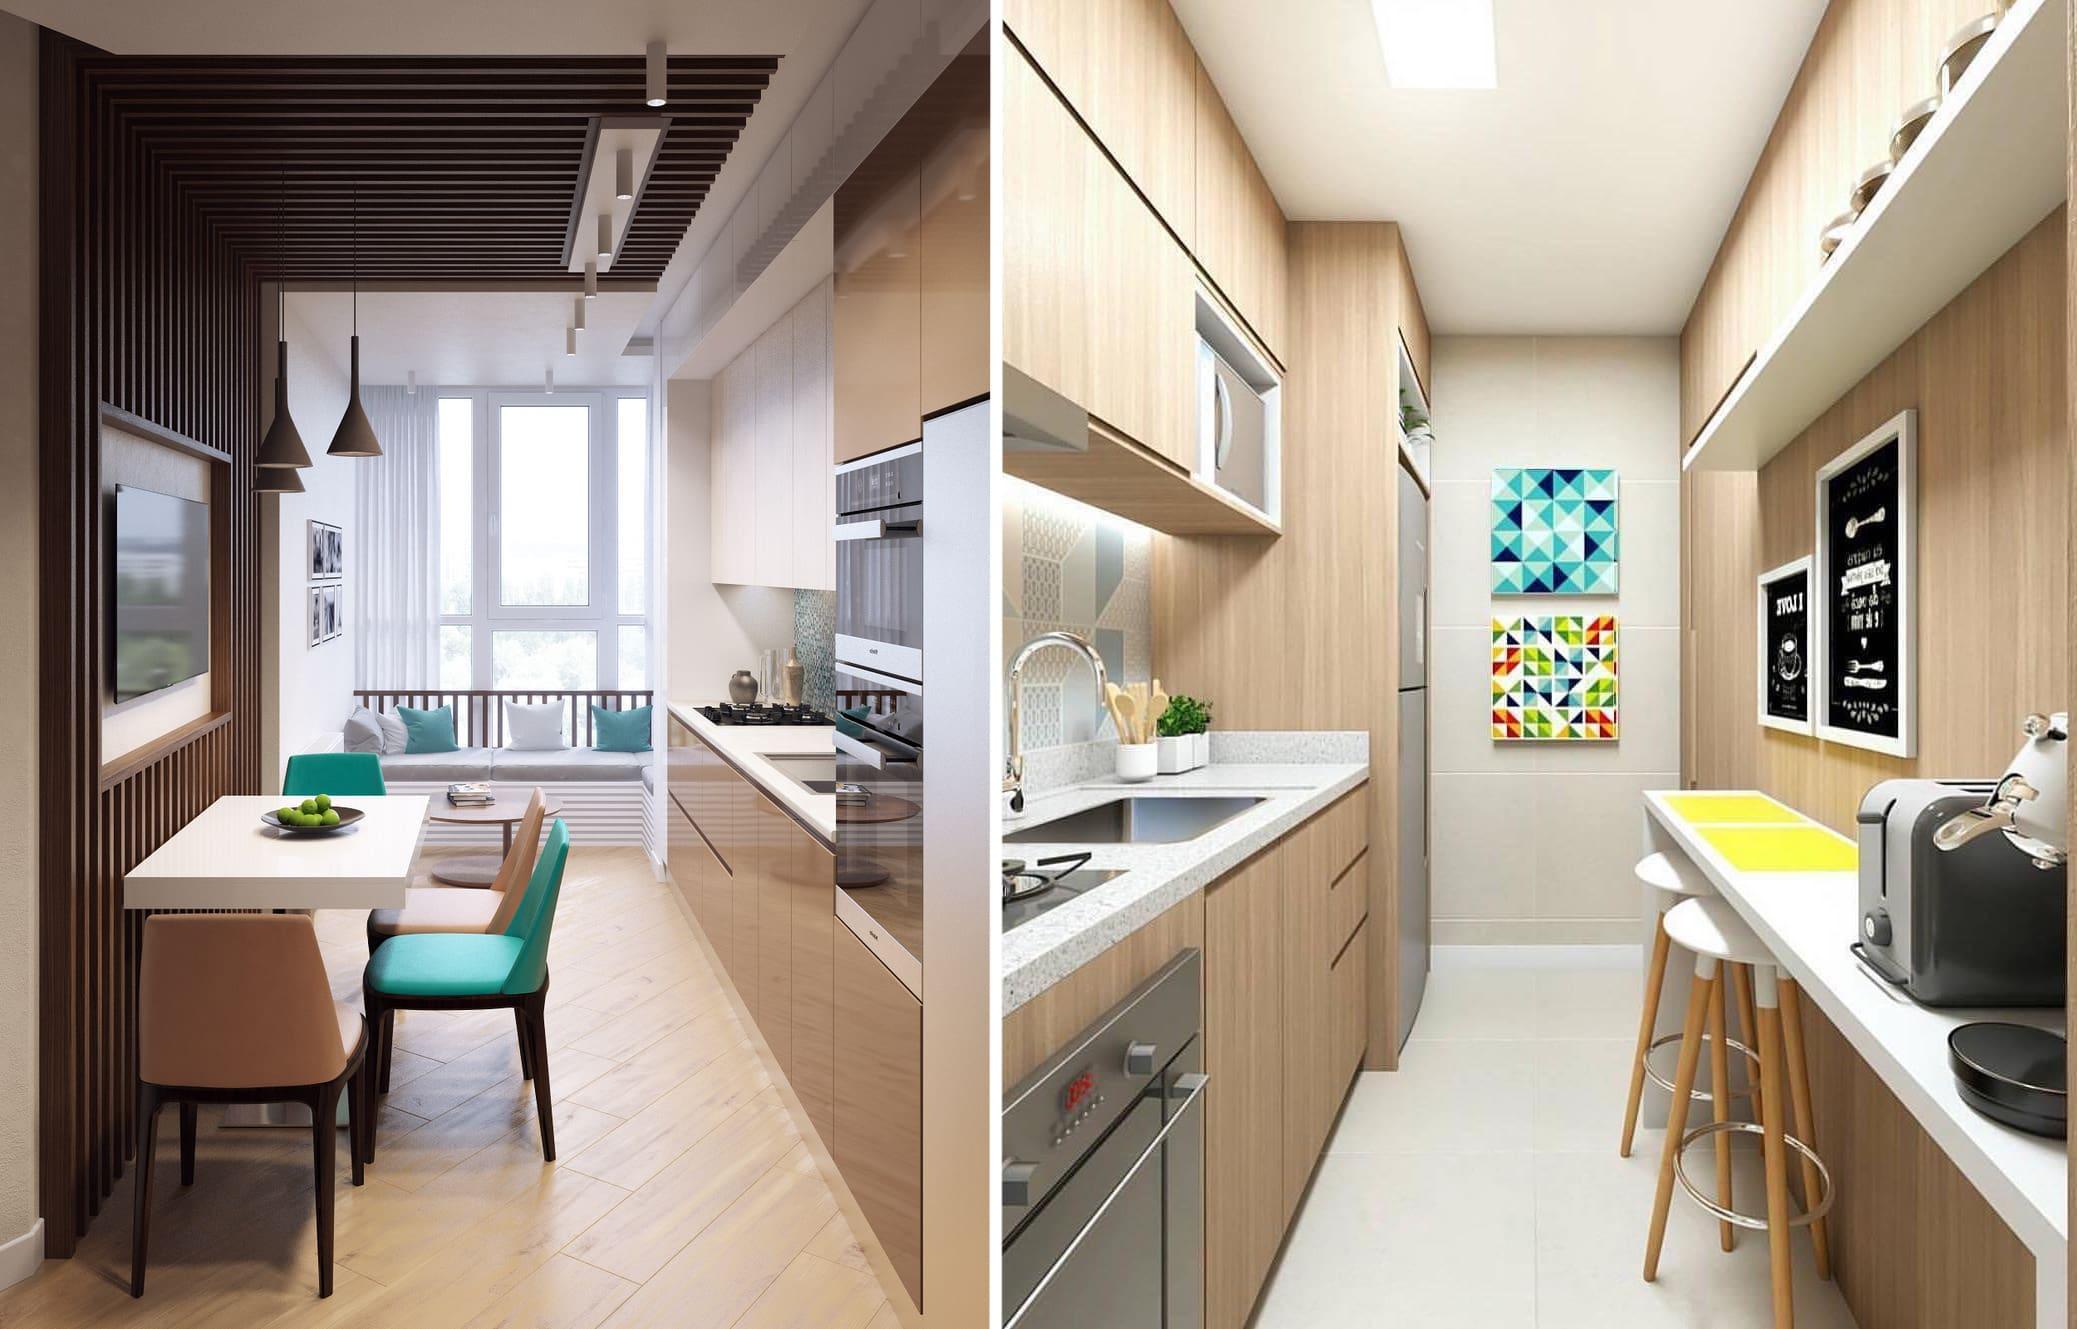 На этом фото где изображены две кухни, отдельно стоит отметить грамотную установку обеденного стола и стульев